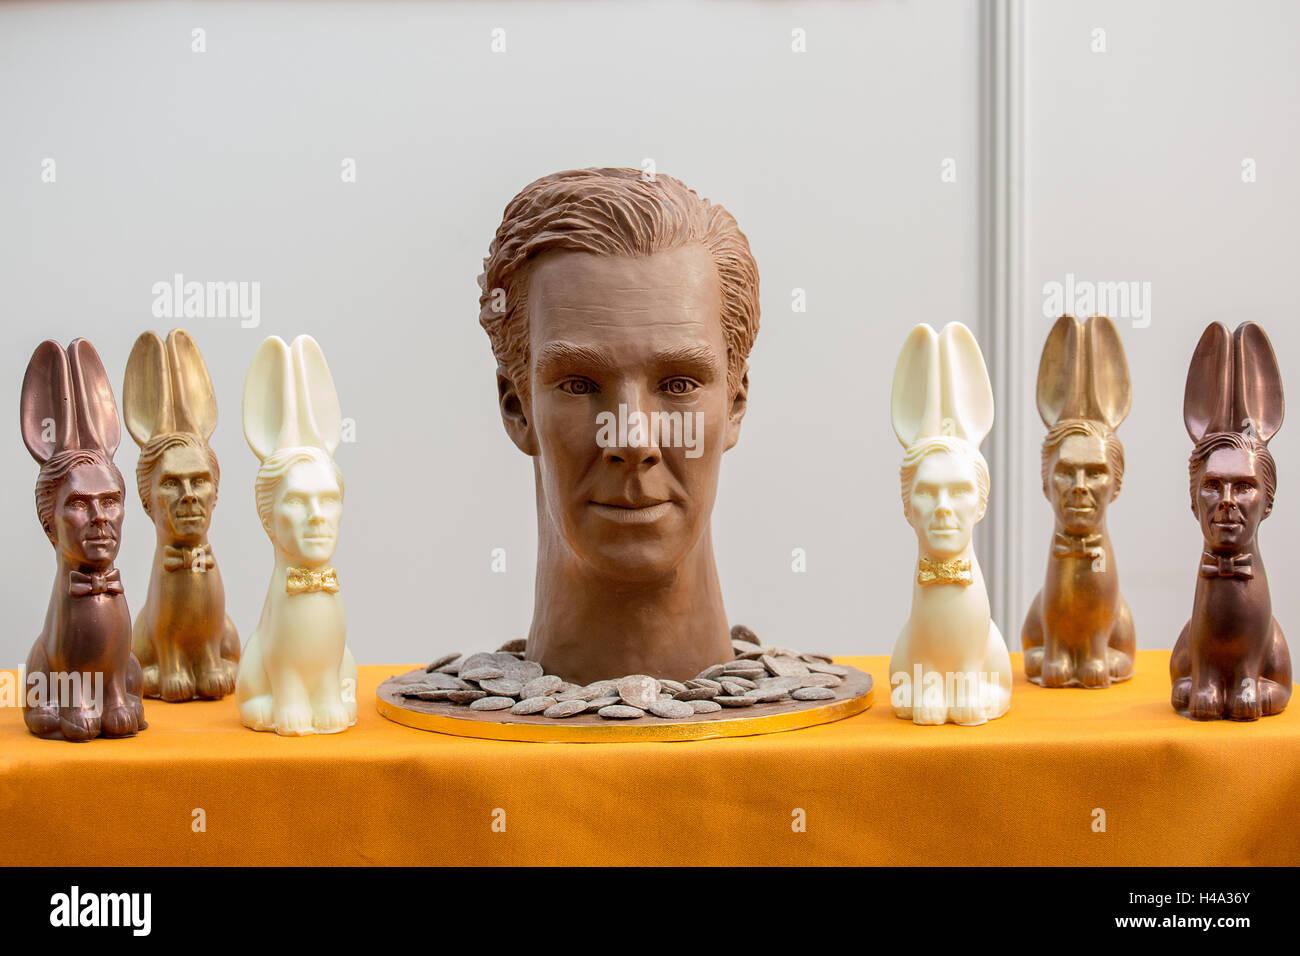 Escultura de chocolate.El Chocolate espectáculo tiene lugar en el Olympia de Londres, Reino Unido, a partir Imagen De Stock